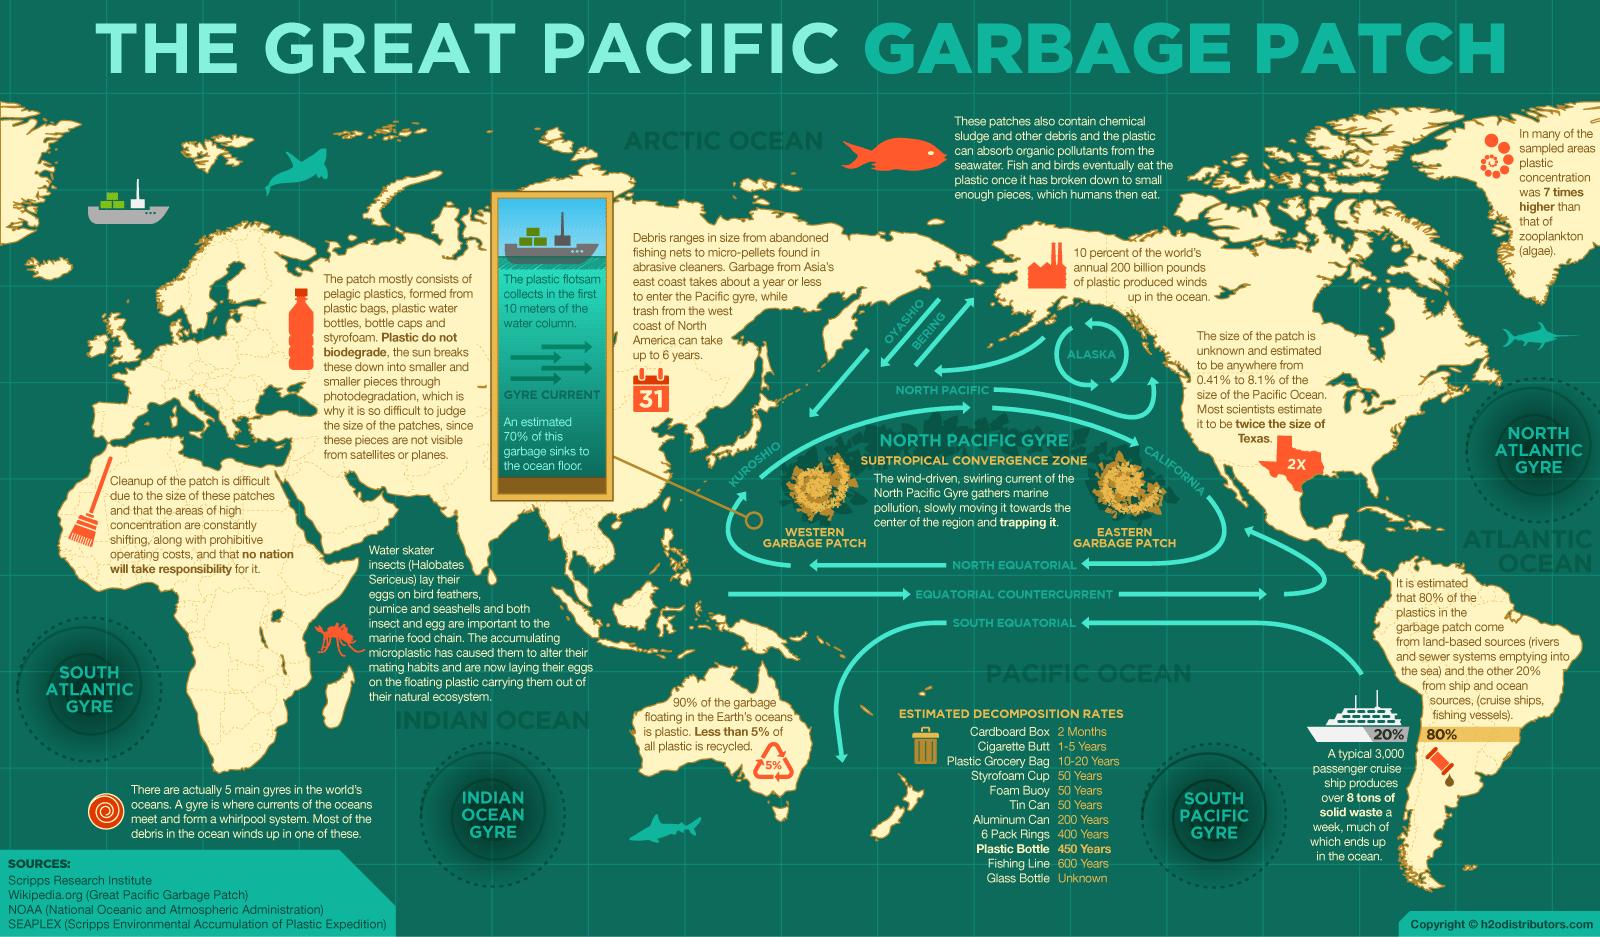 garbage7.png (245.32 Kb)